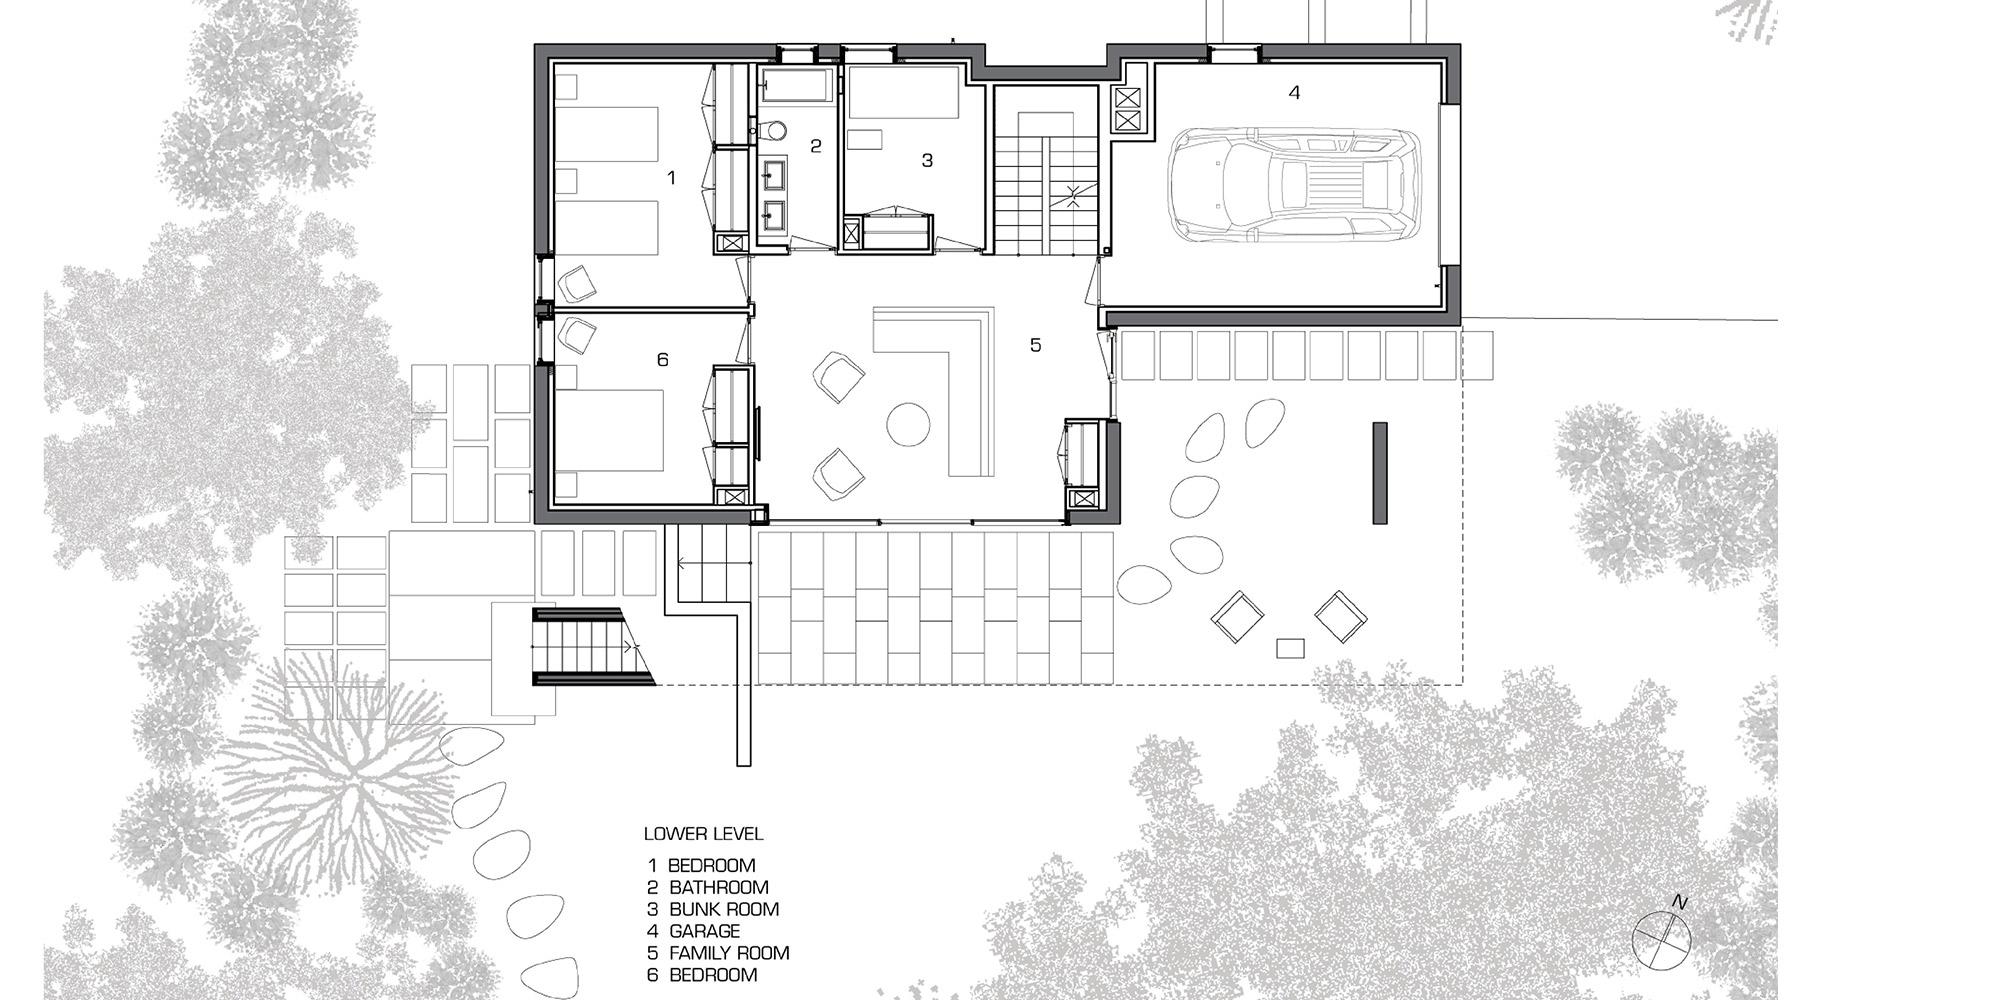 Desai Chia Architecture |